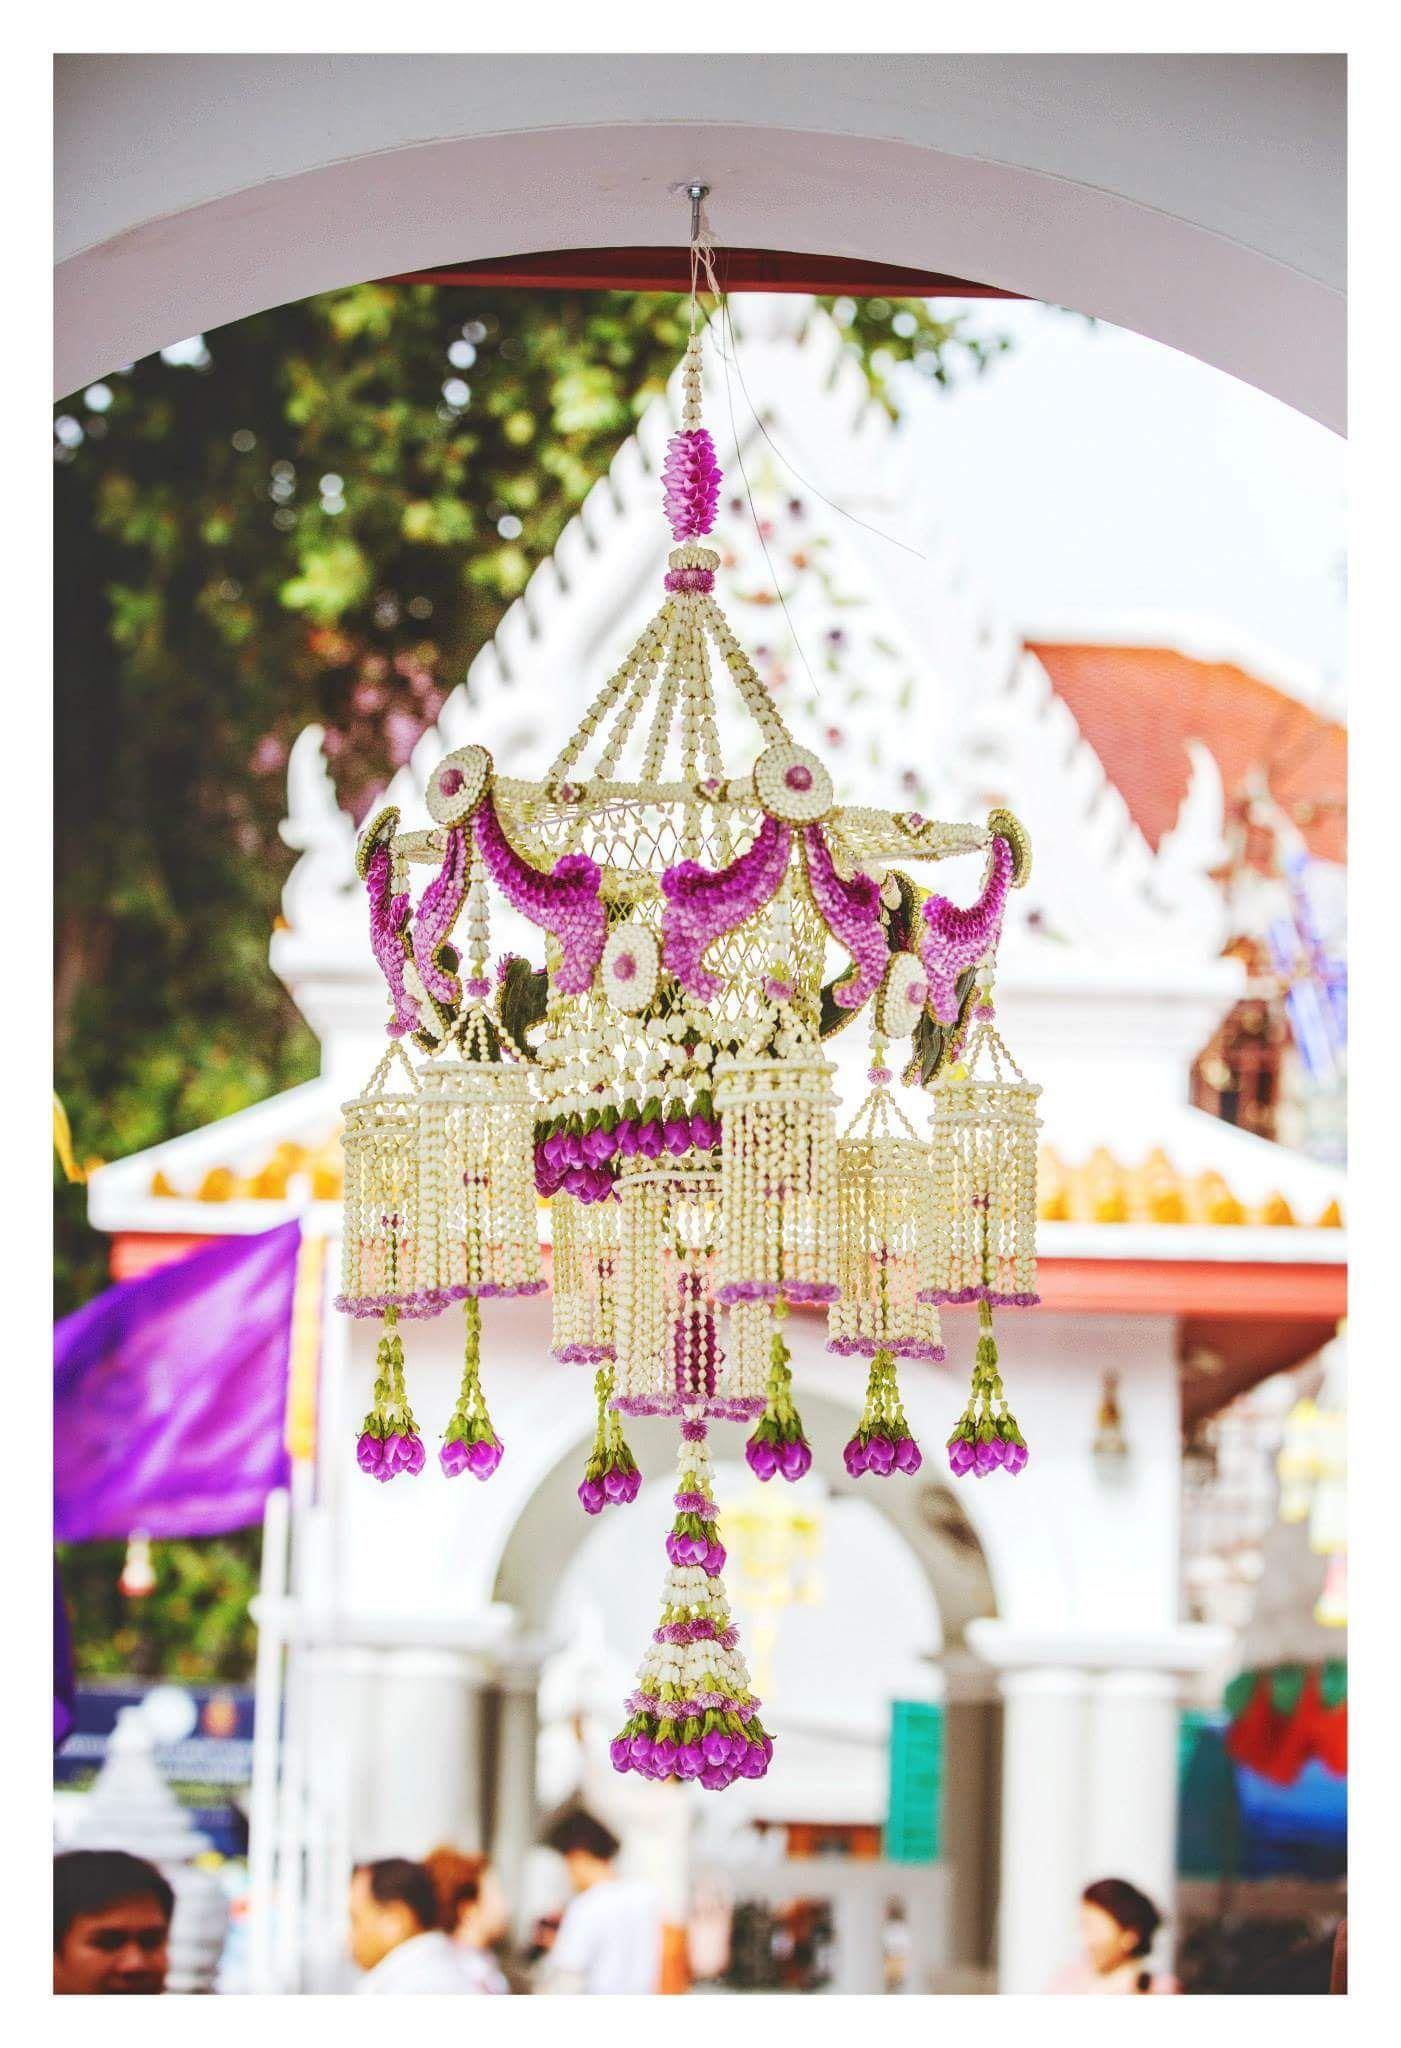 เครื่องแขวนไทย การจัดดอกไม้, การตกแต่งงานแต่งงาน, งานฝีมือ